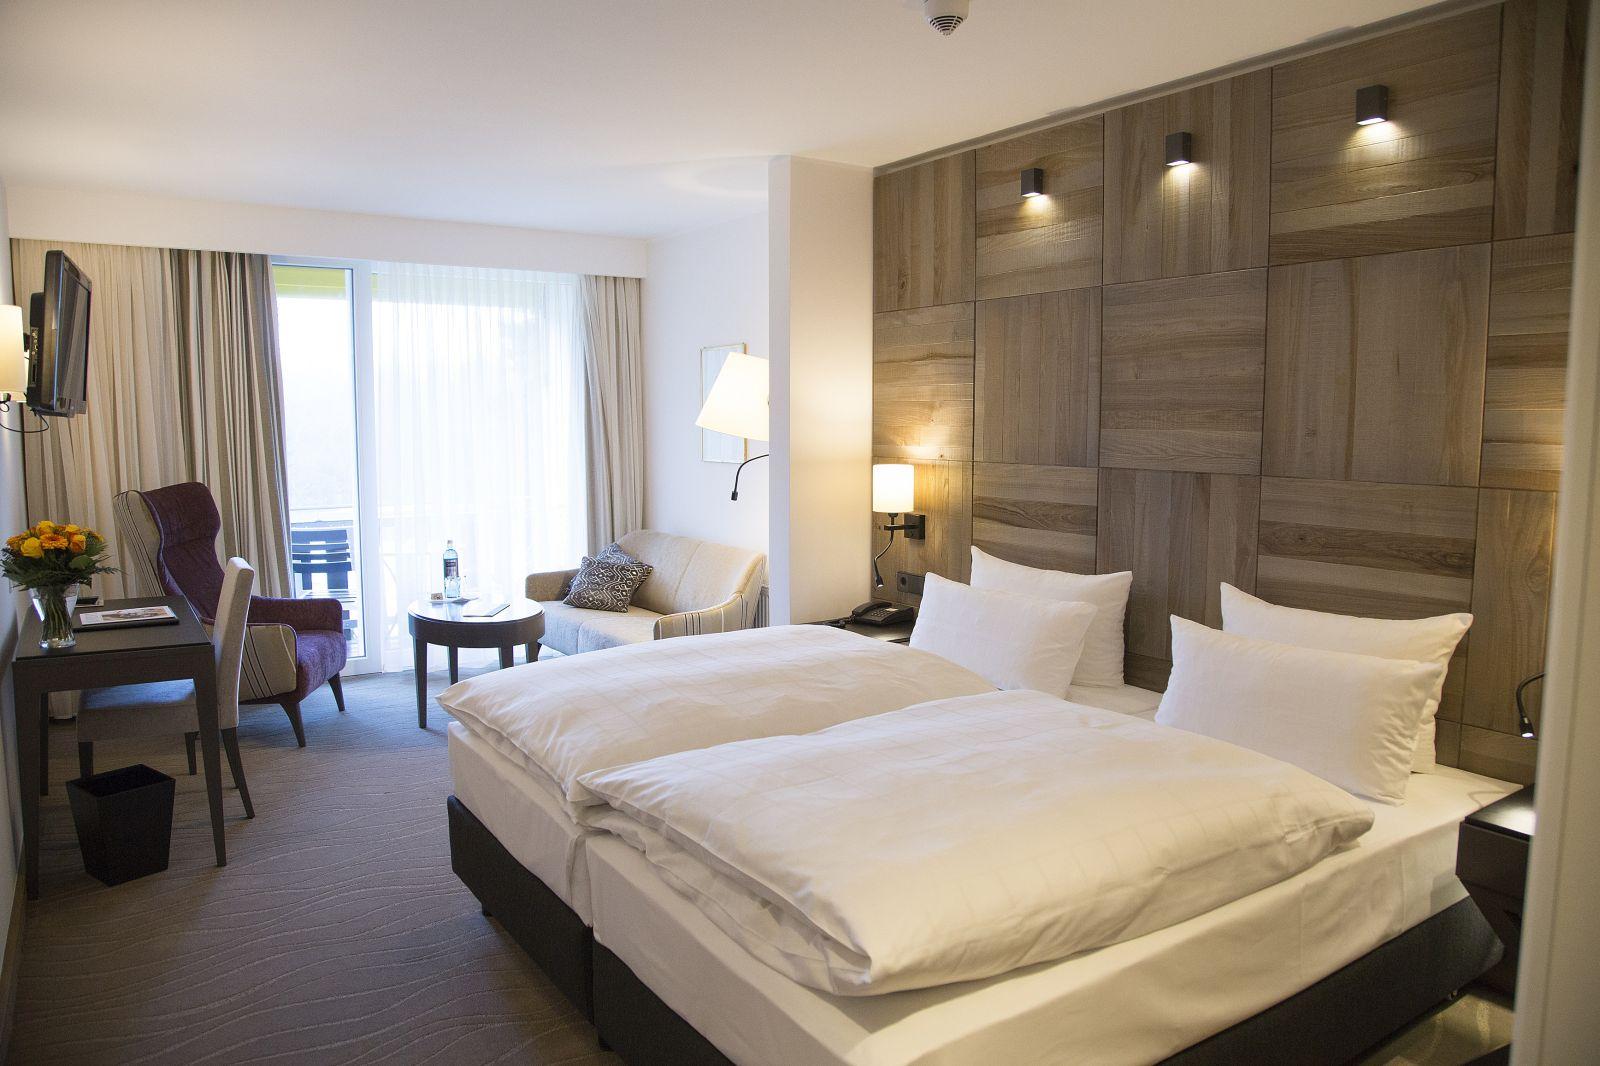 Doppelzimmer mit Holzvertäfelter Bettrückwand und Sitzecke im Jagdhaus Wiese